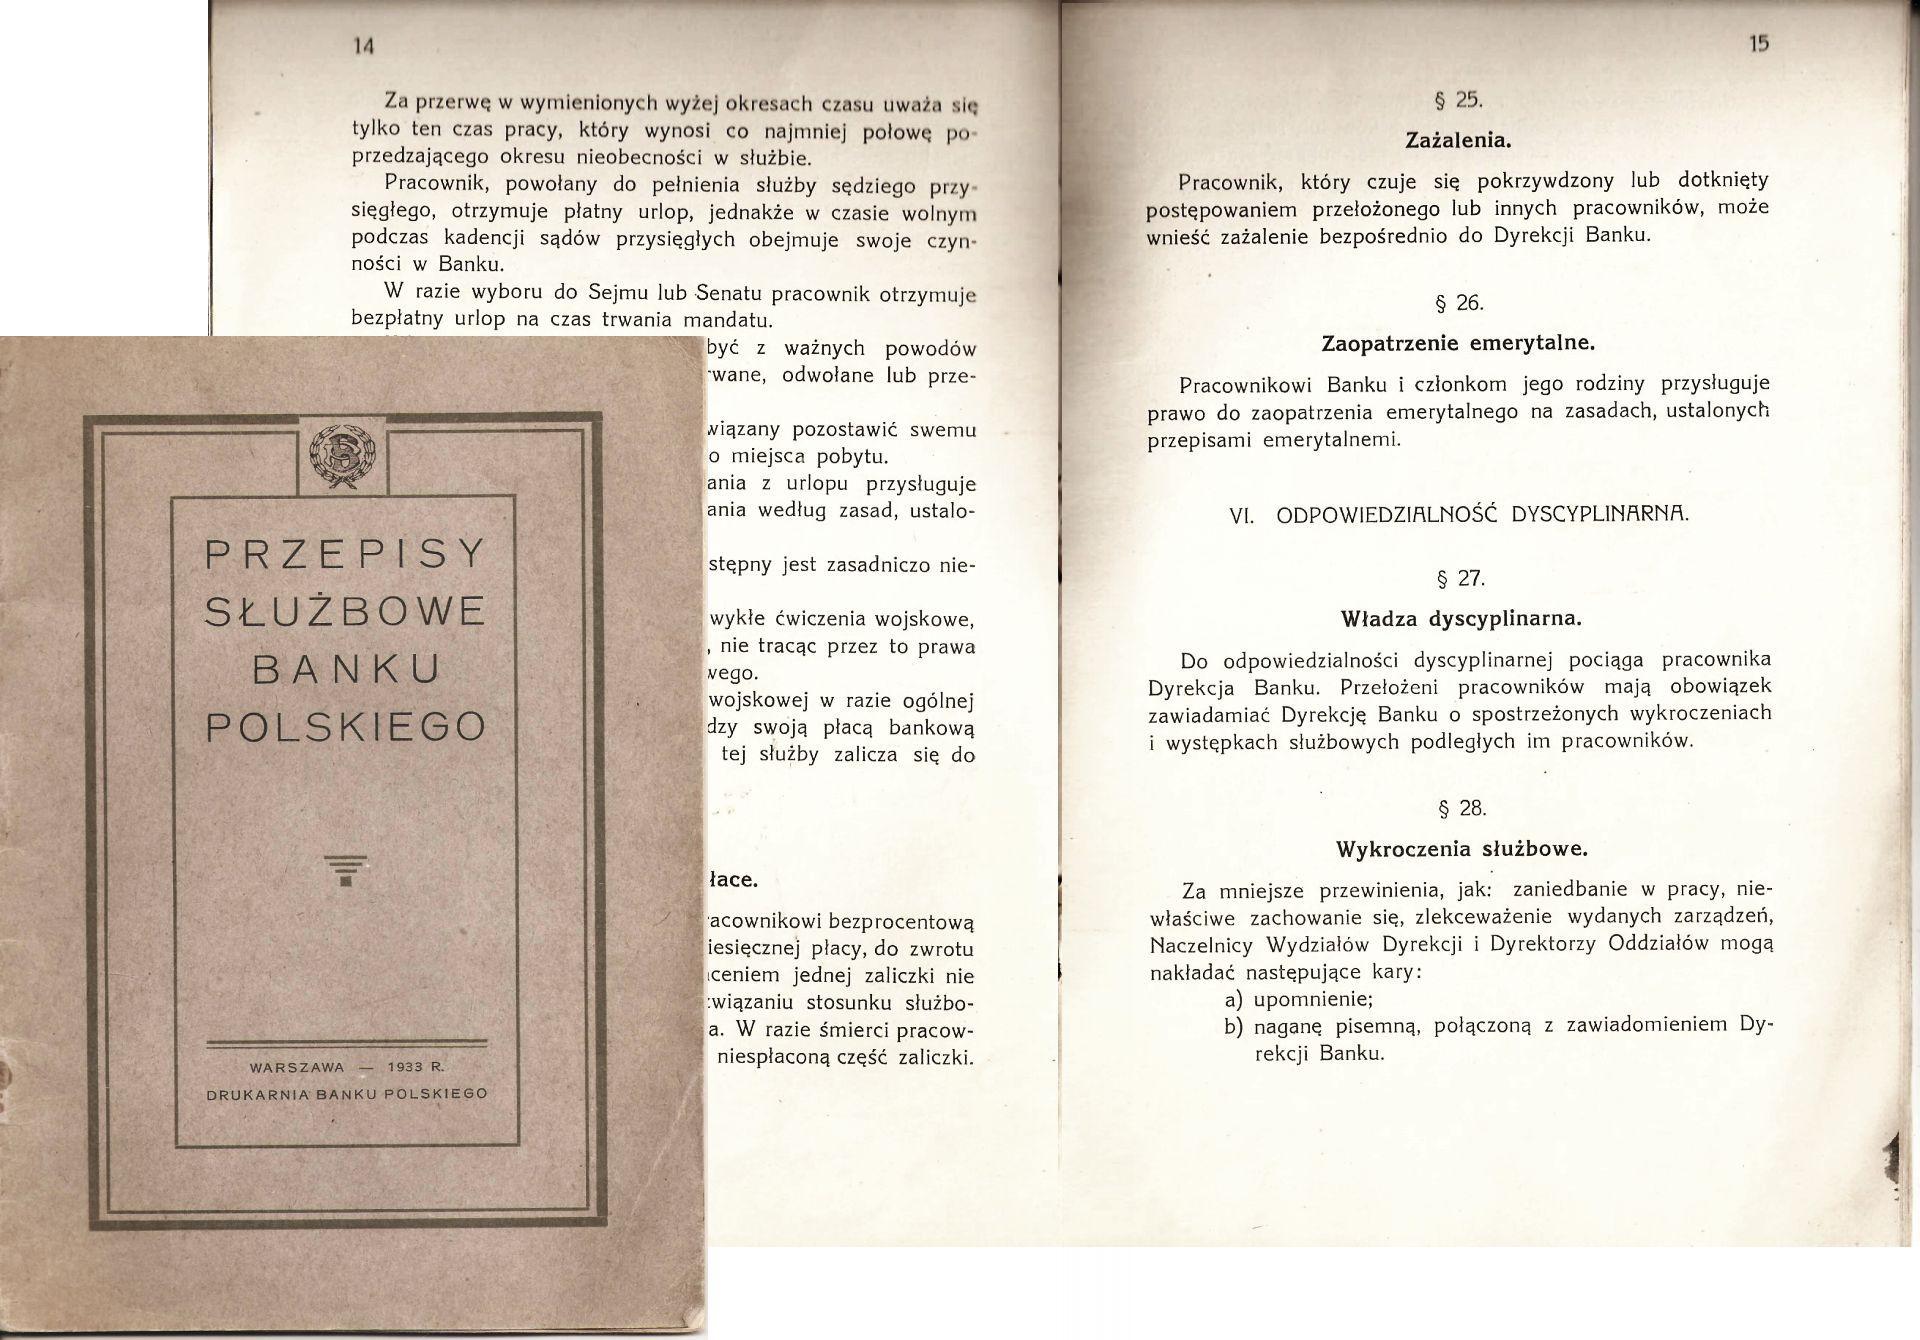 Przepisy służbowe Banku Polskiego 1933 Bank Polski